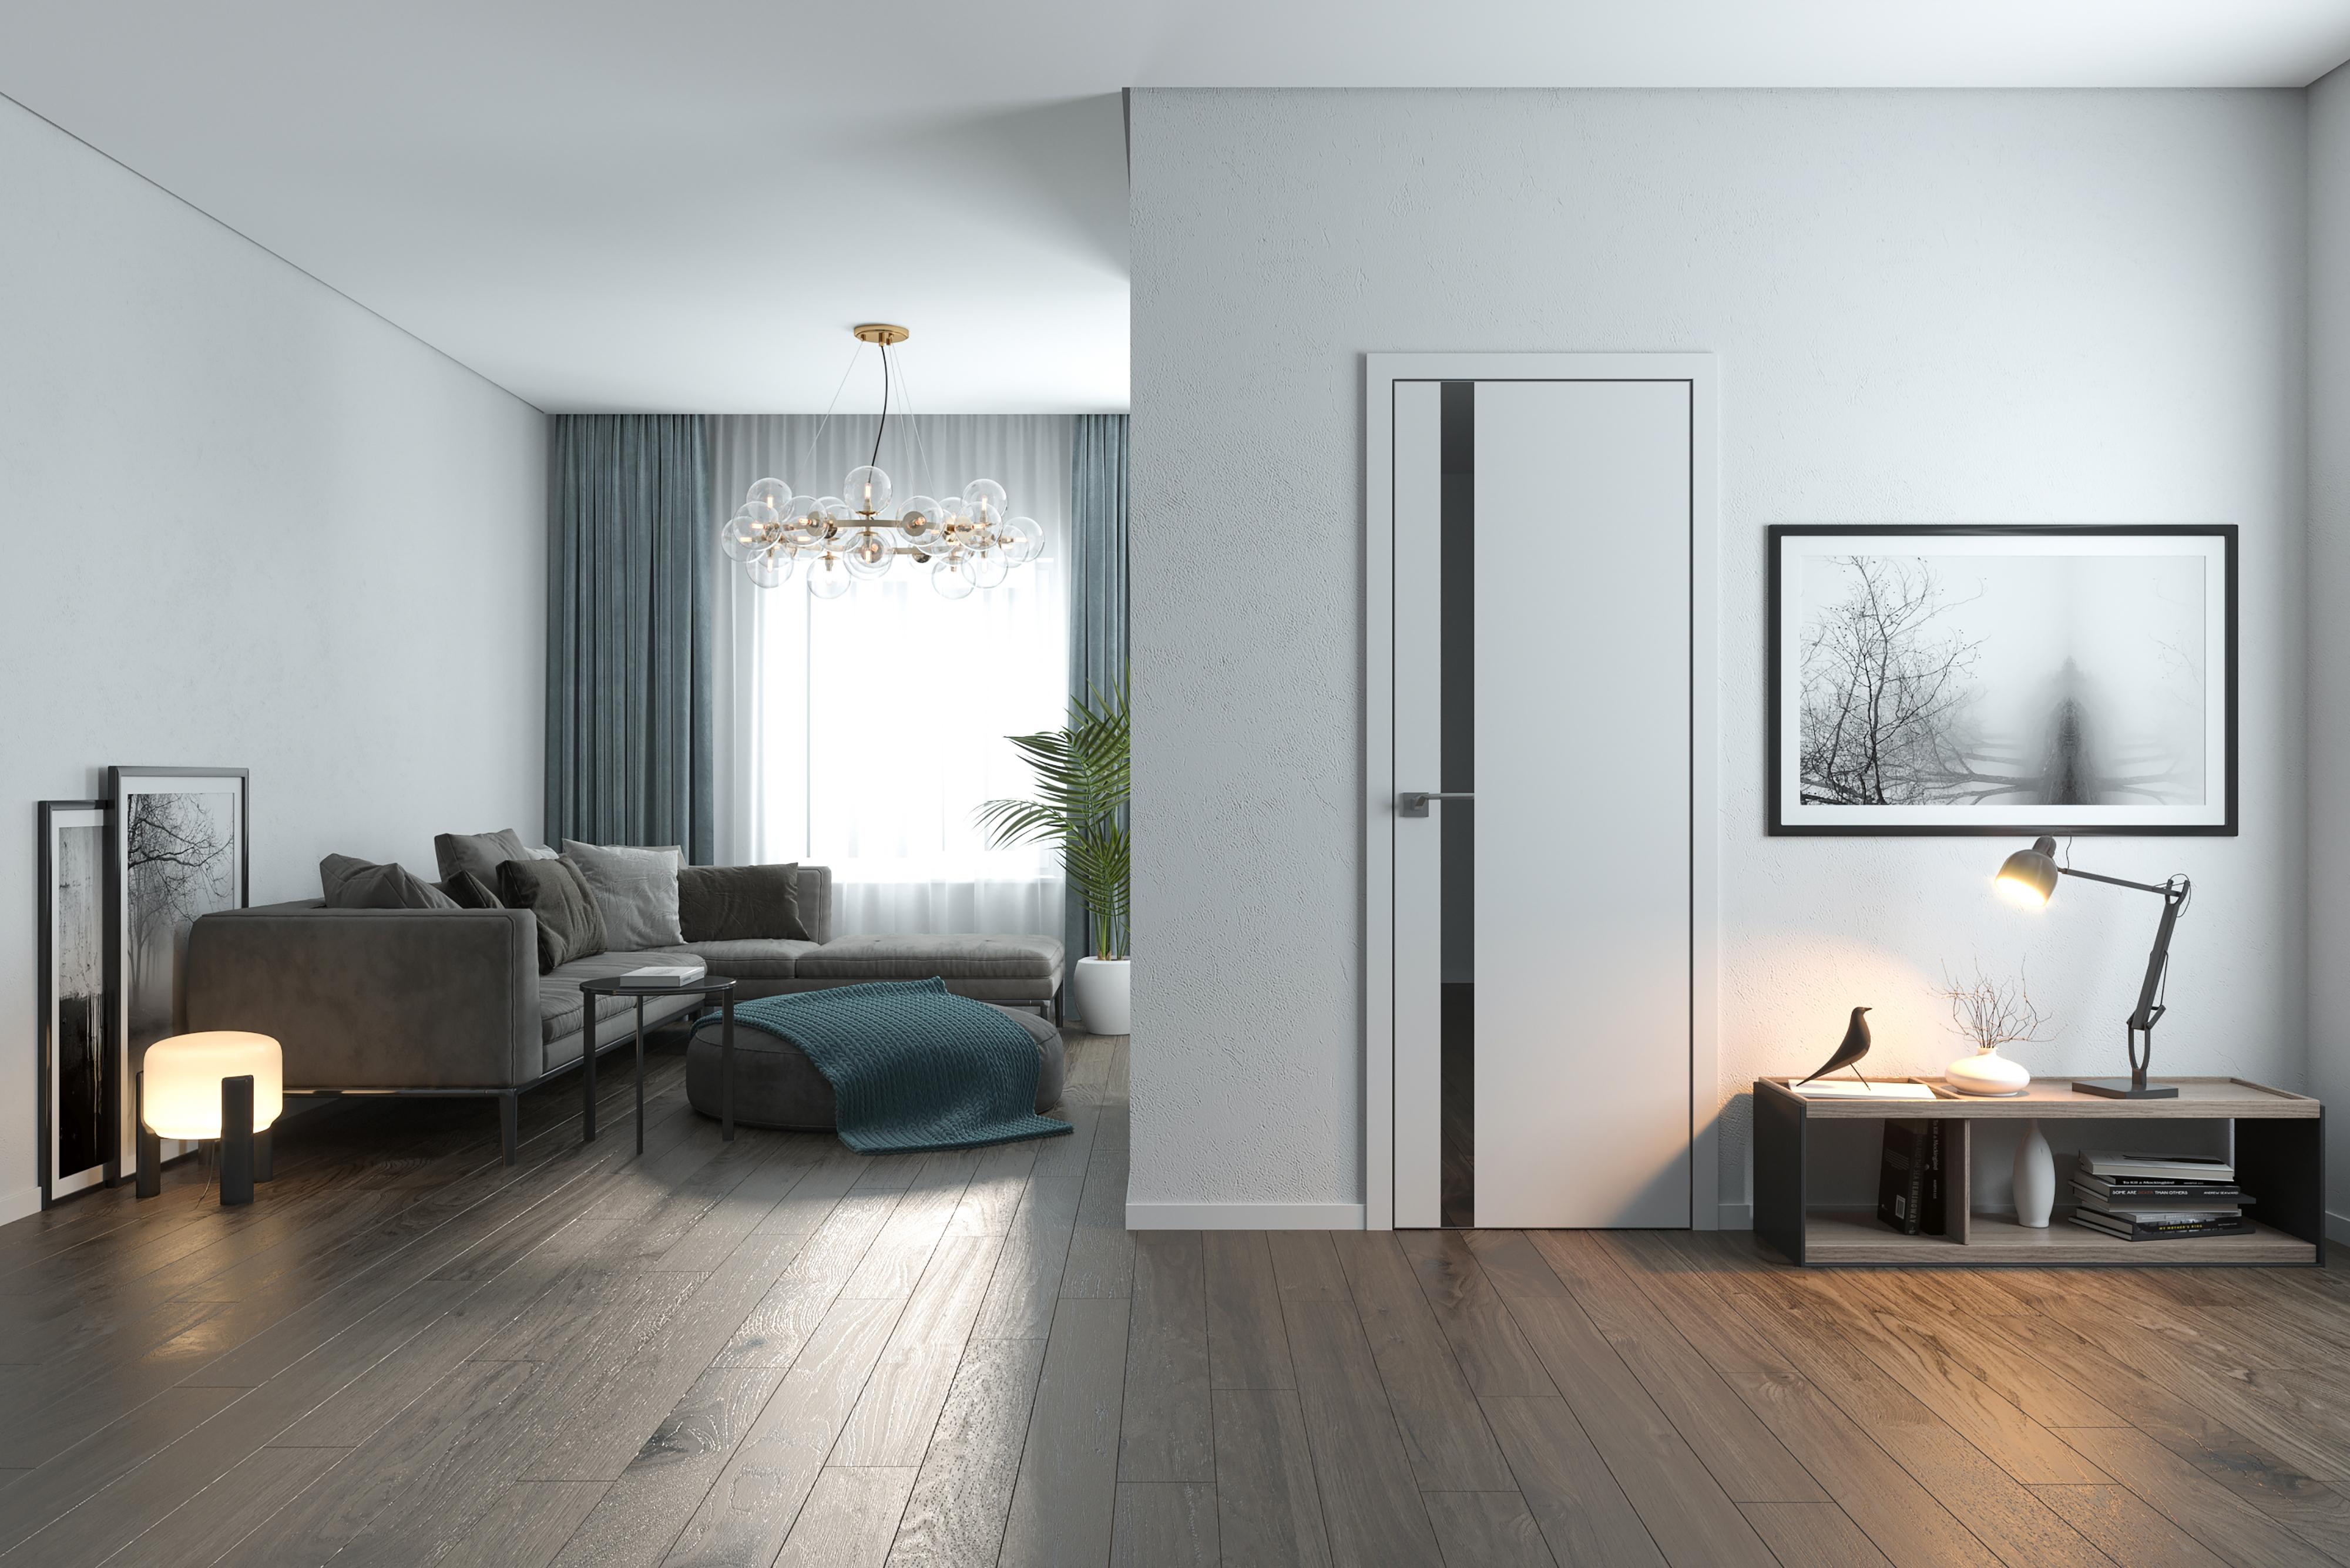 Что делать сначала: ставить двери или клеить обои?